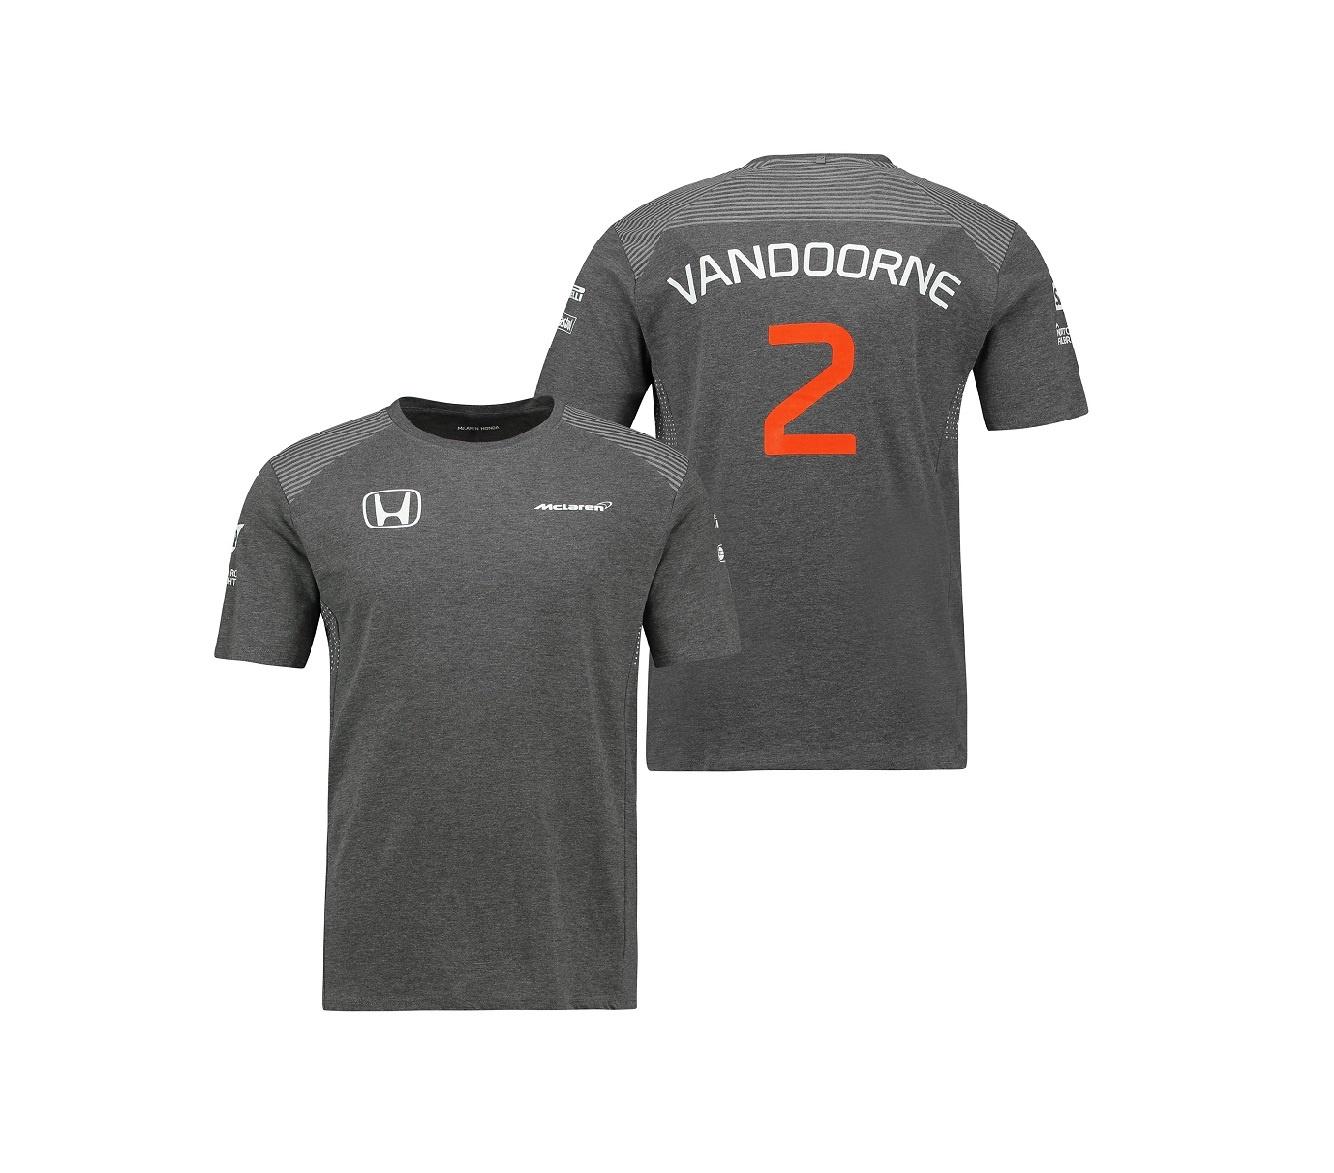 McLaren Homme - Stoffel Vandoorne T-shirt 2017